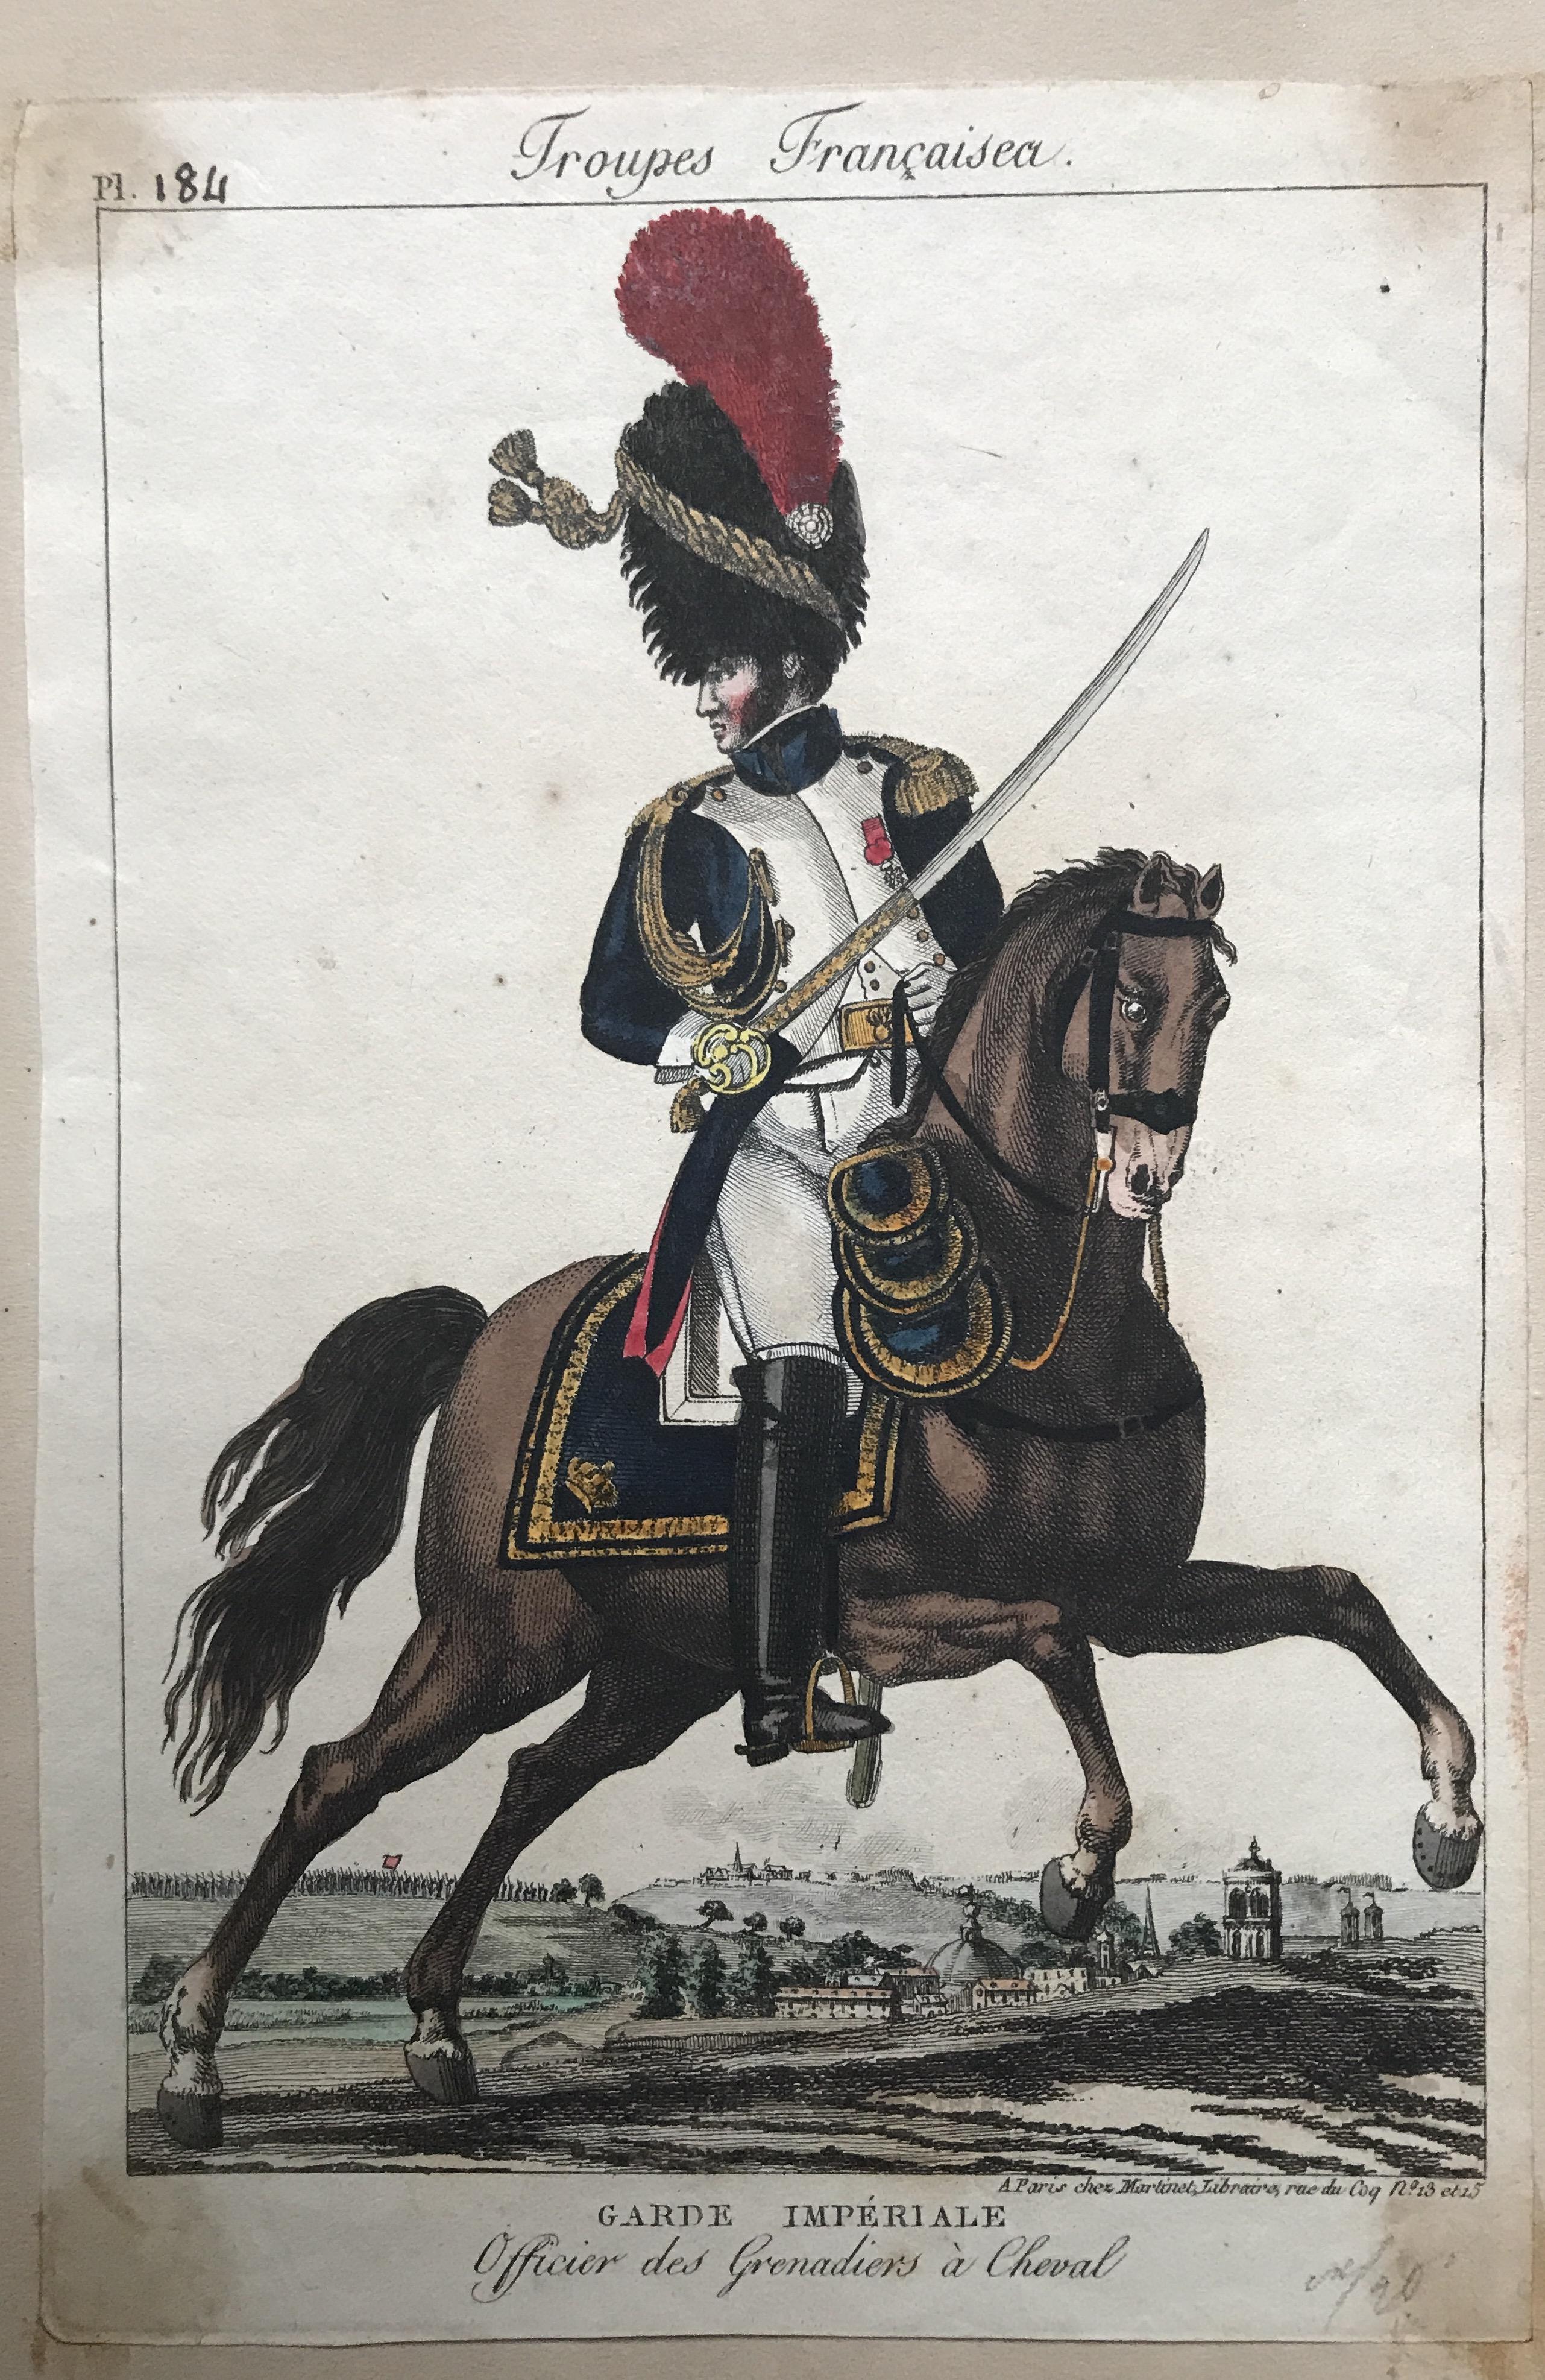 Gravure XIX - Martinet - Troupes française - Officier des Grenadiers à Cheval - Garde Impériale